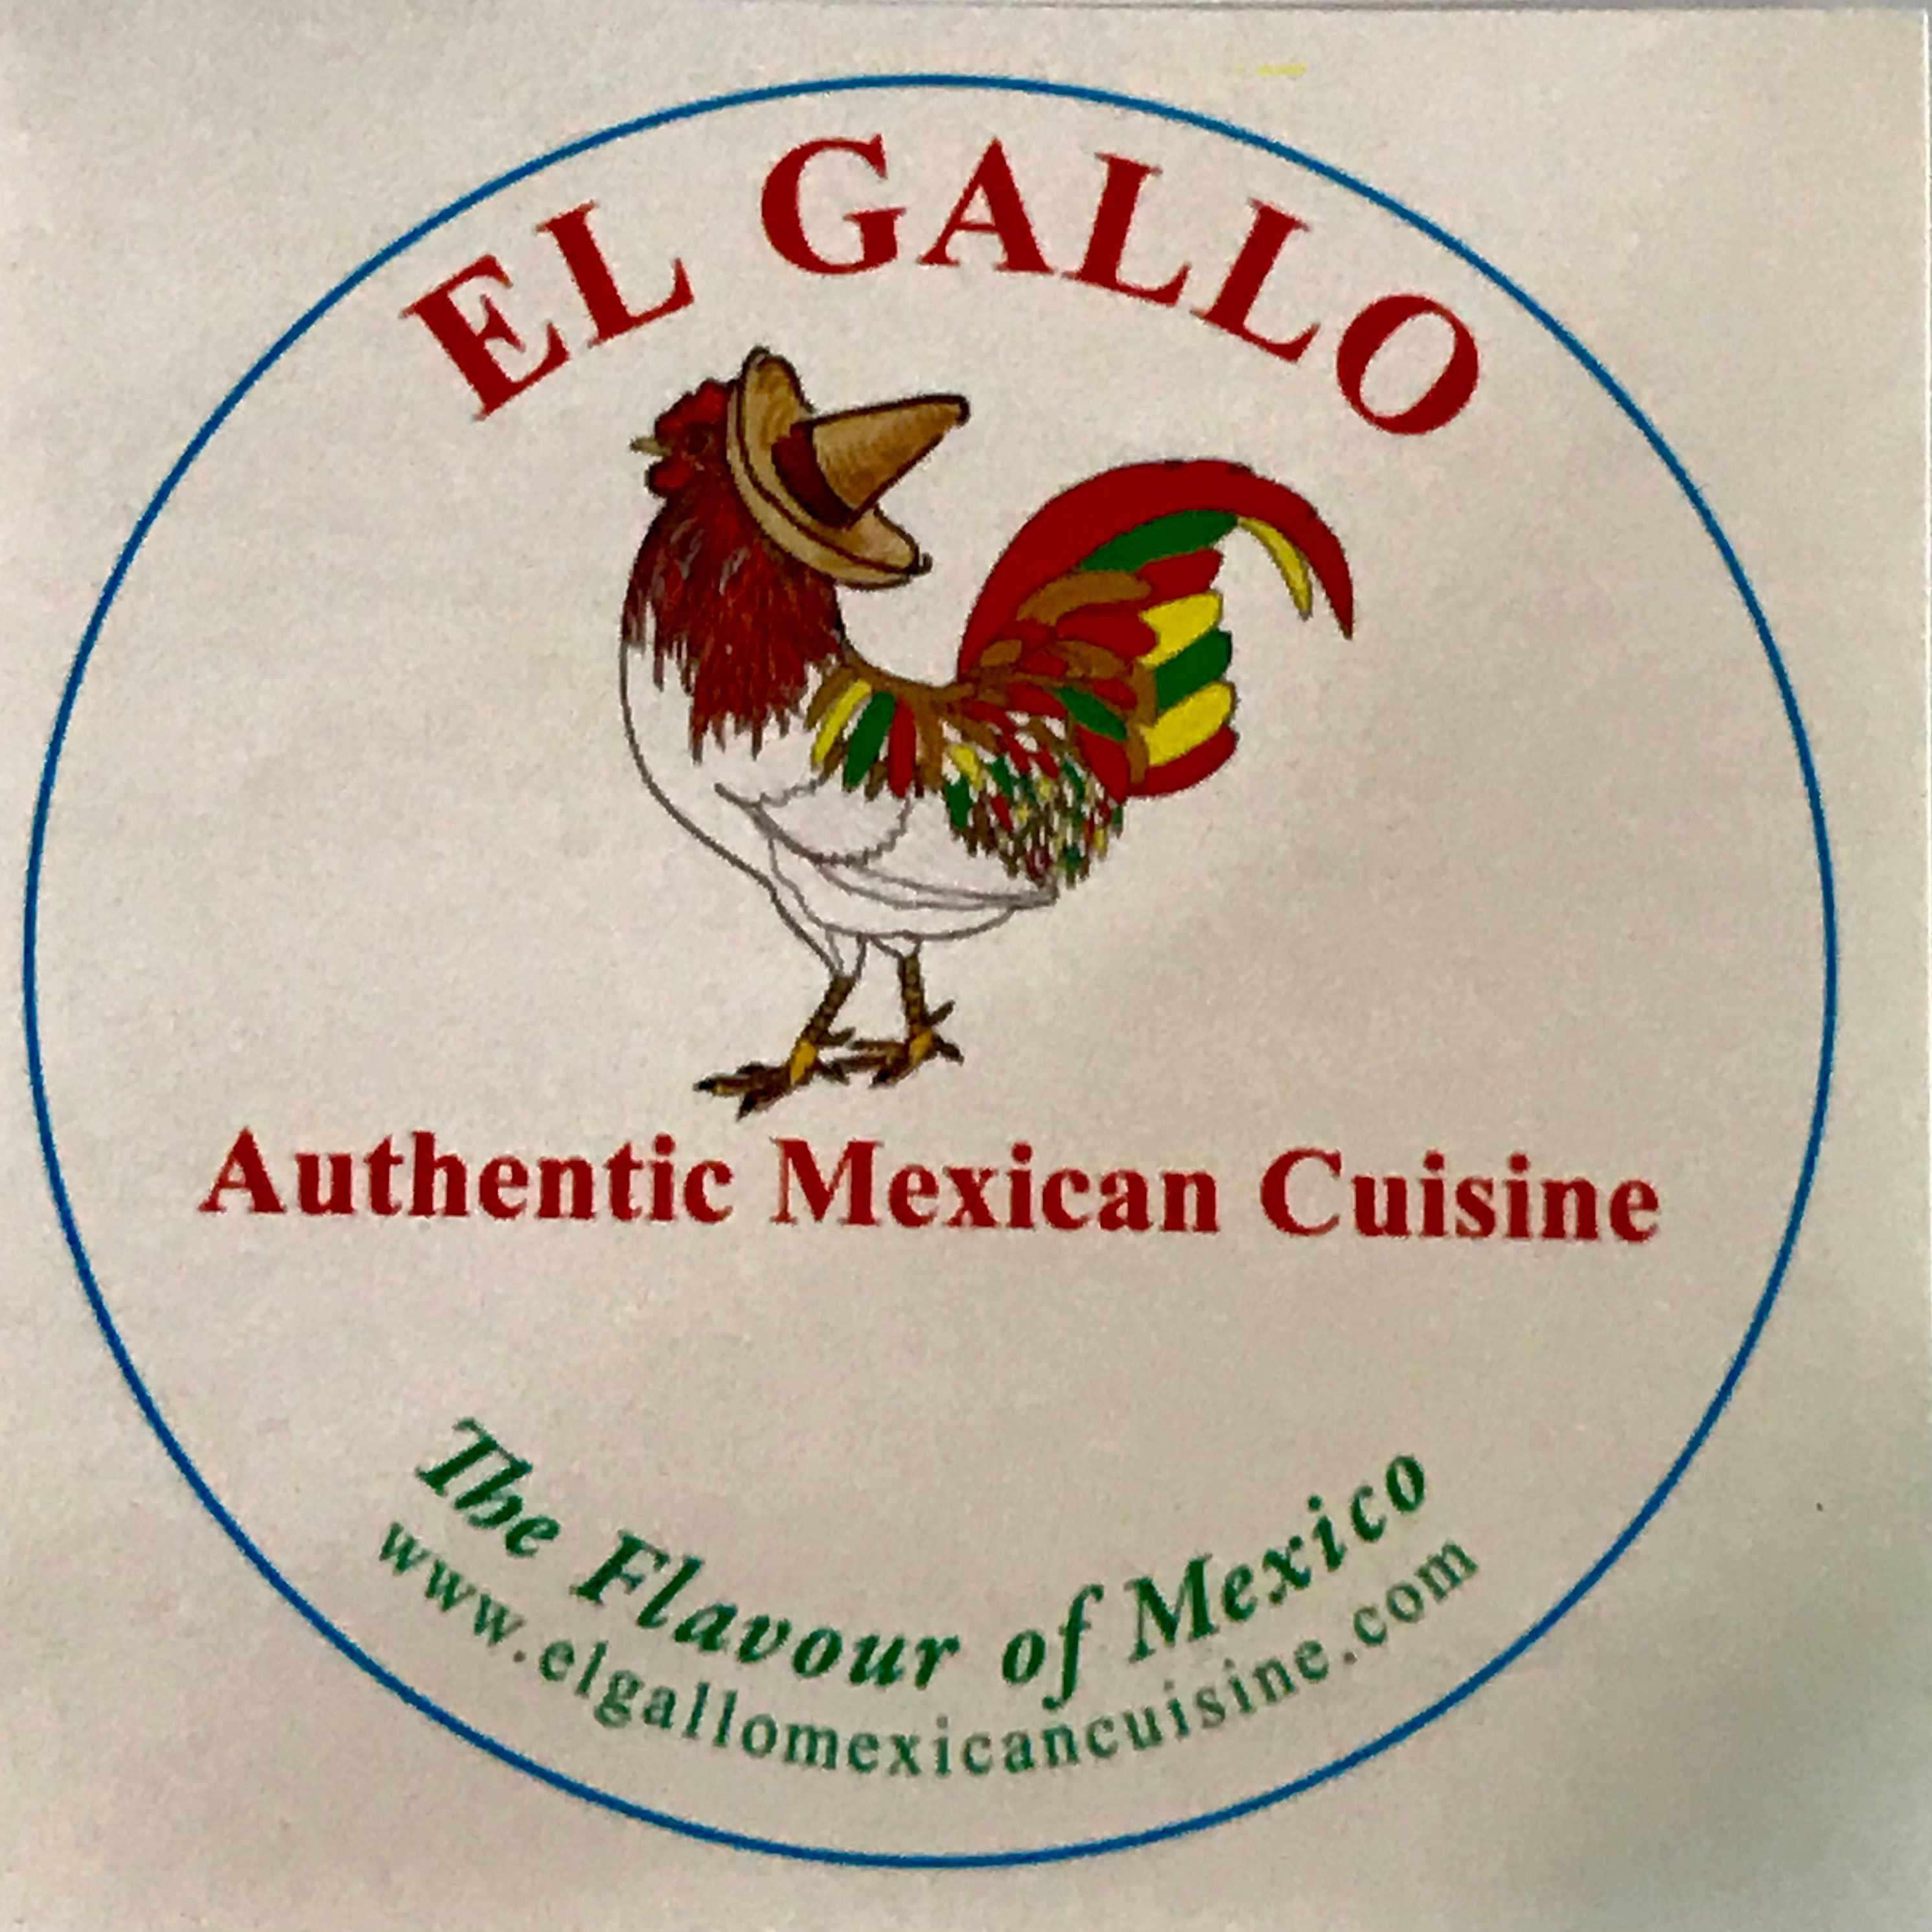 El Gallo Mexican Cuisine